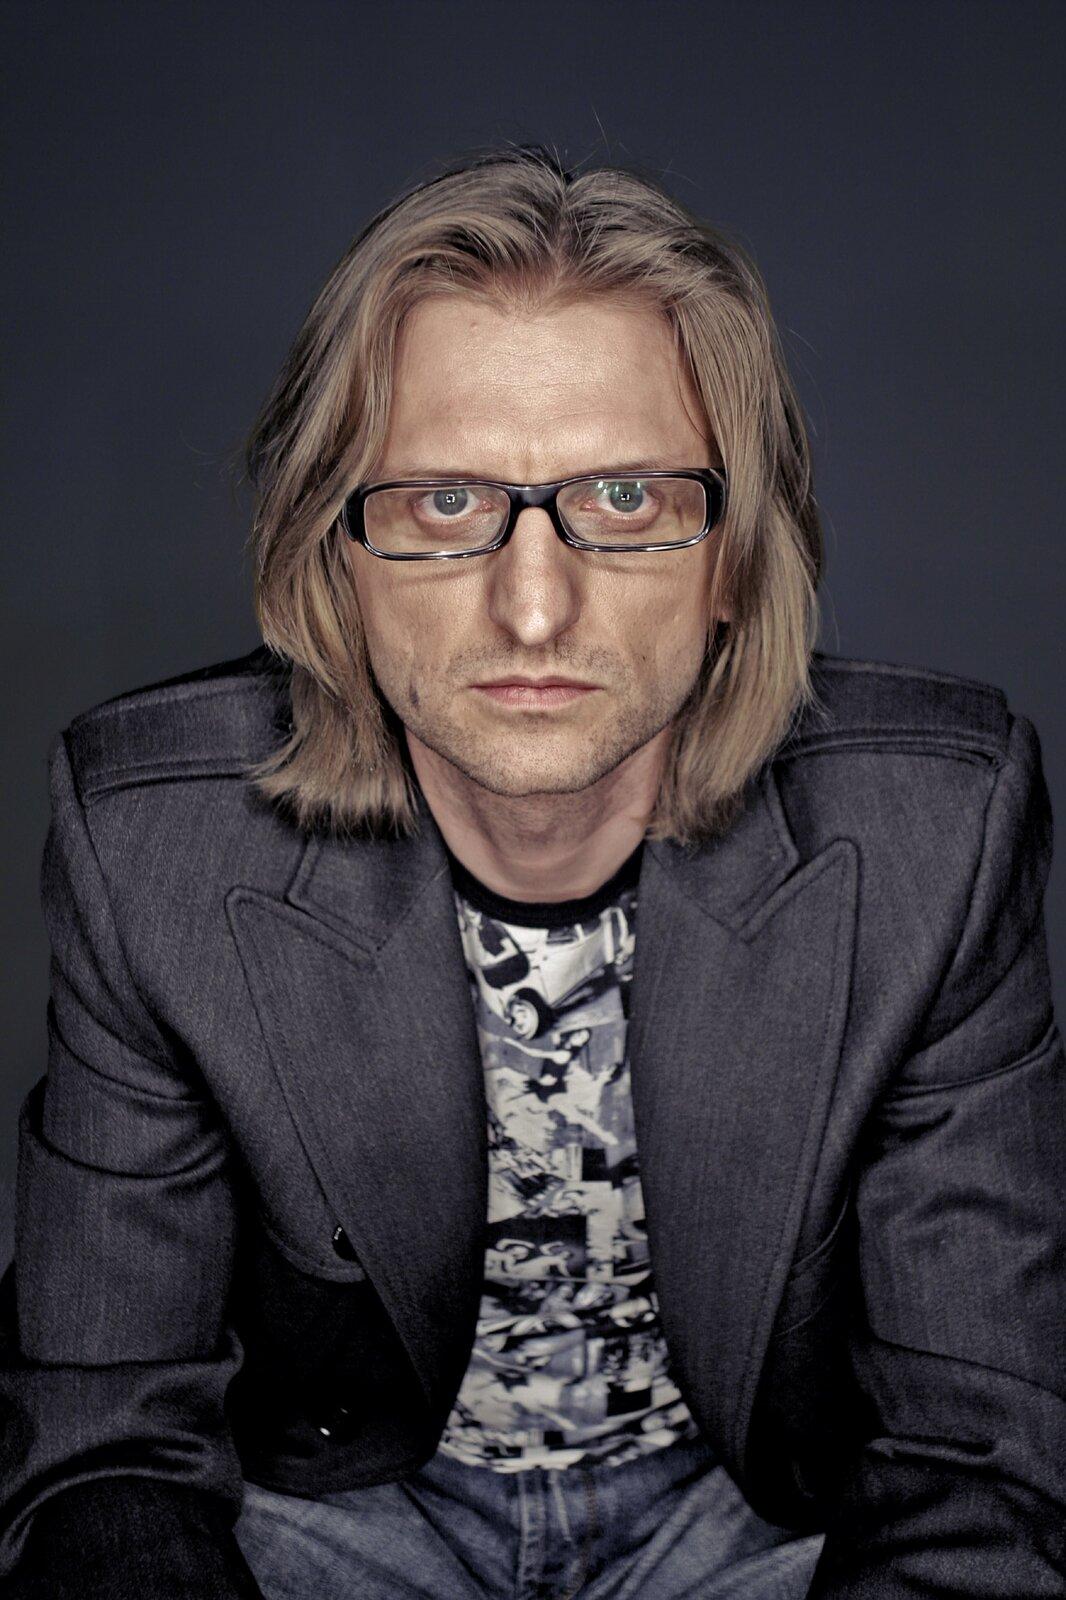 Ilustracja przedstawia zdjęcie portretowe polskiego muzyka Leszka Możdżera autorstwa Nikodema Krajewskiego.